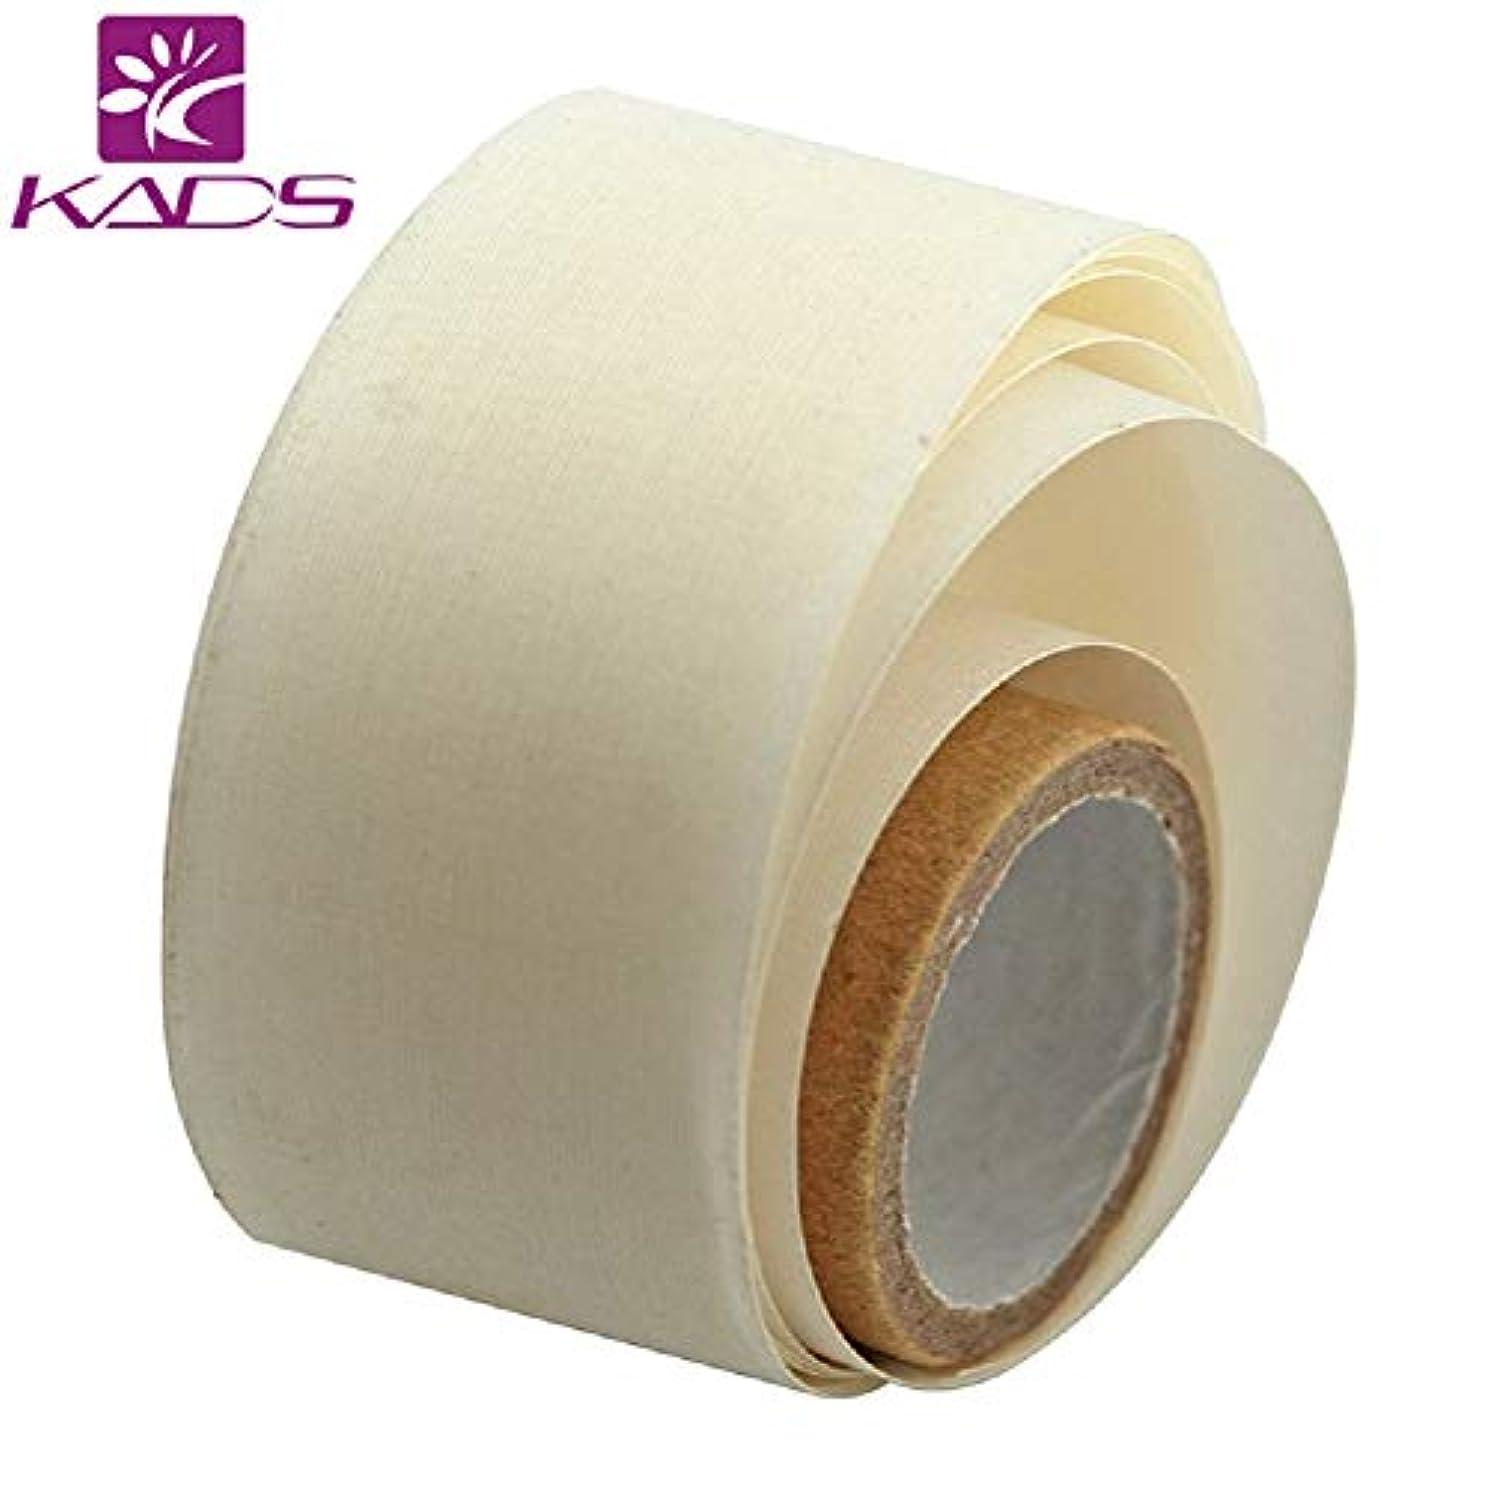 記憶に残る初期無傷KADS ネイルシルクテープ ネイルリペアテープペラ用 爪の補修 ジェルアクリルネイルアートツール